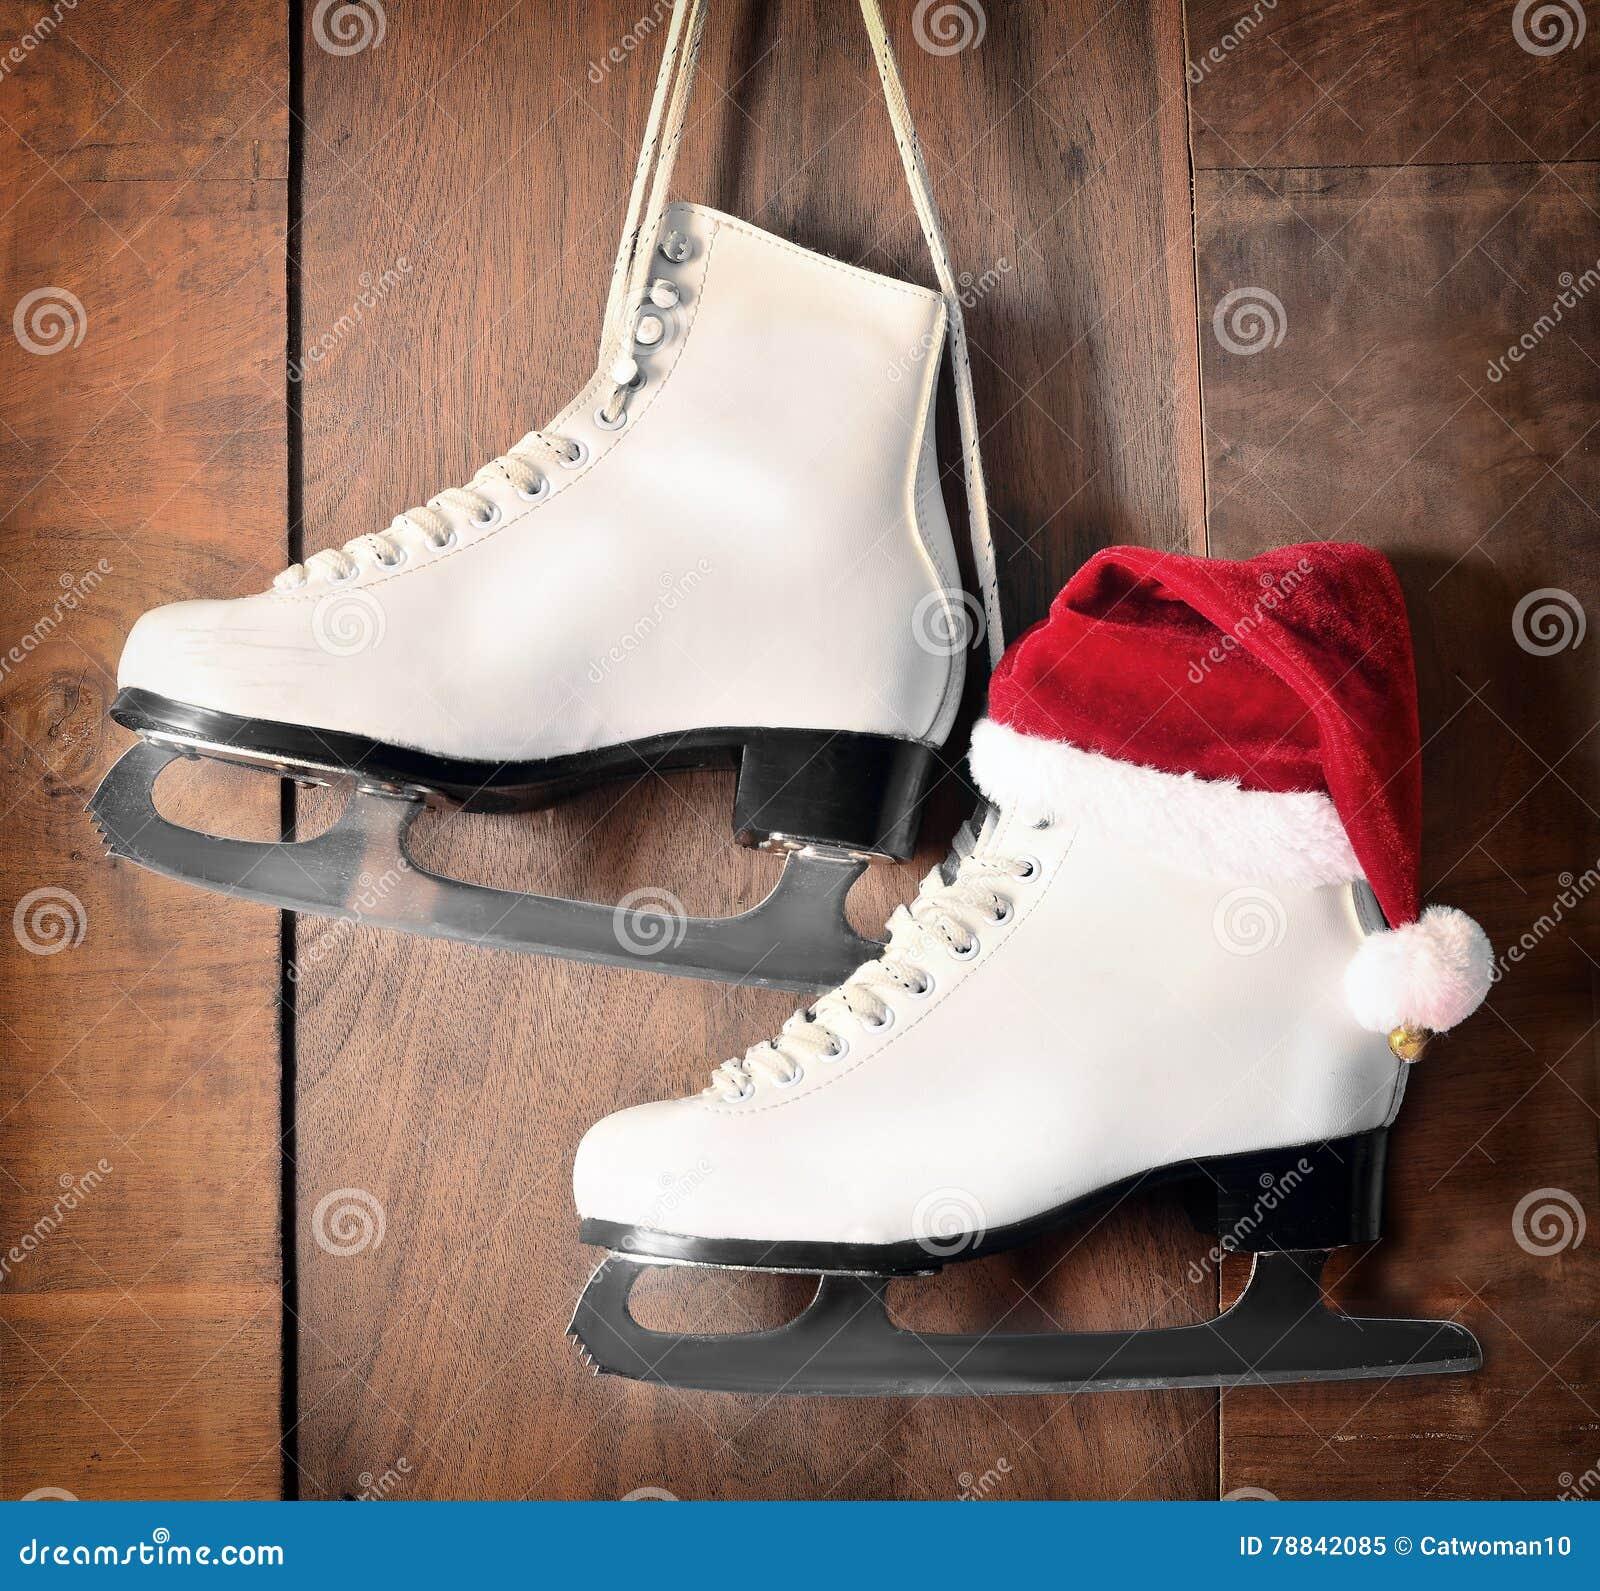 Roller skates for figure skating - White Ice Skates For Figure Skating Hanging On Wooden Background